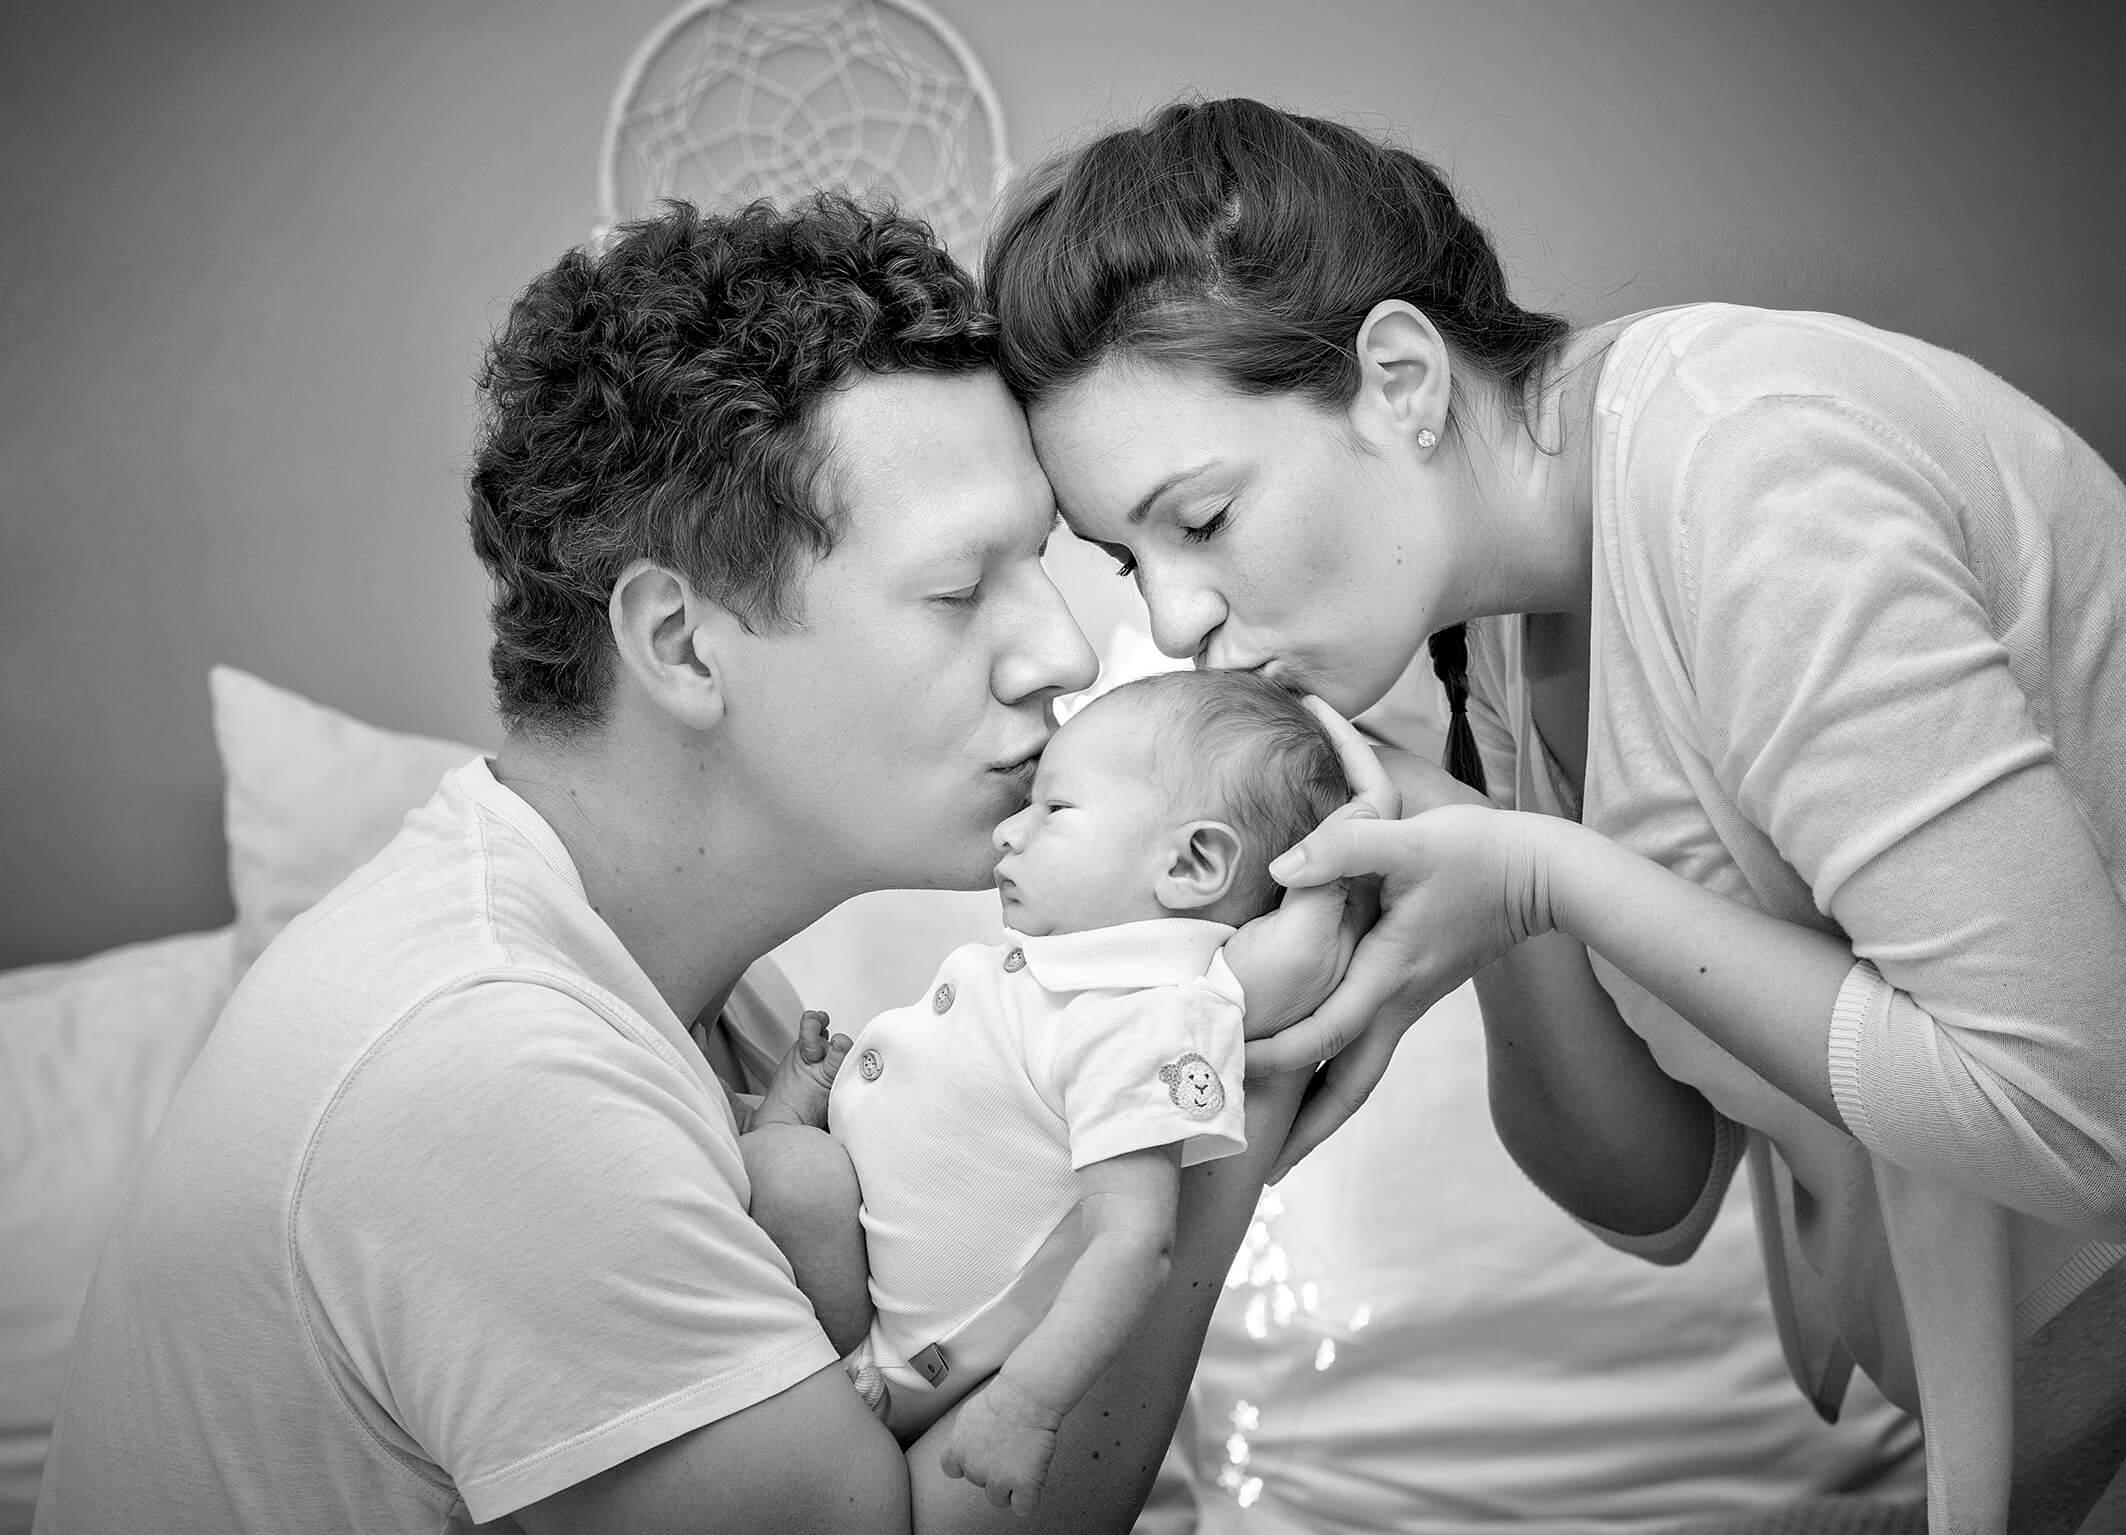 Eltern Glück Kuss schwarzweiß fotografie